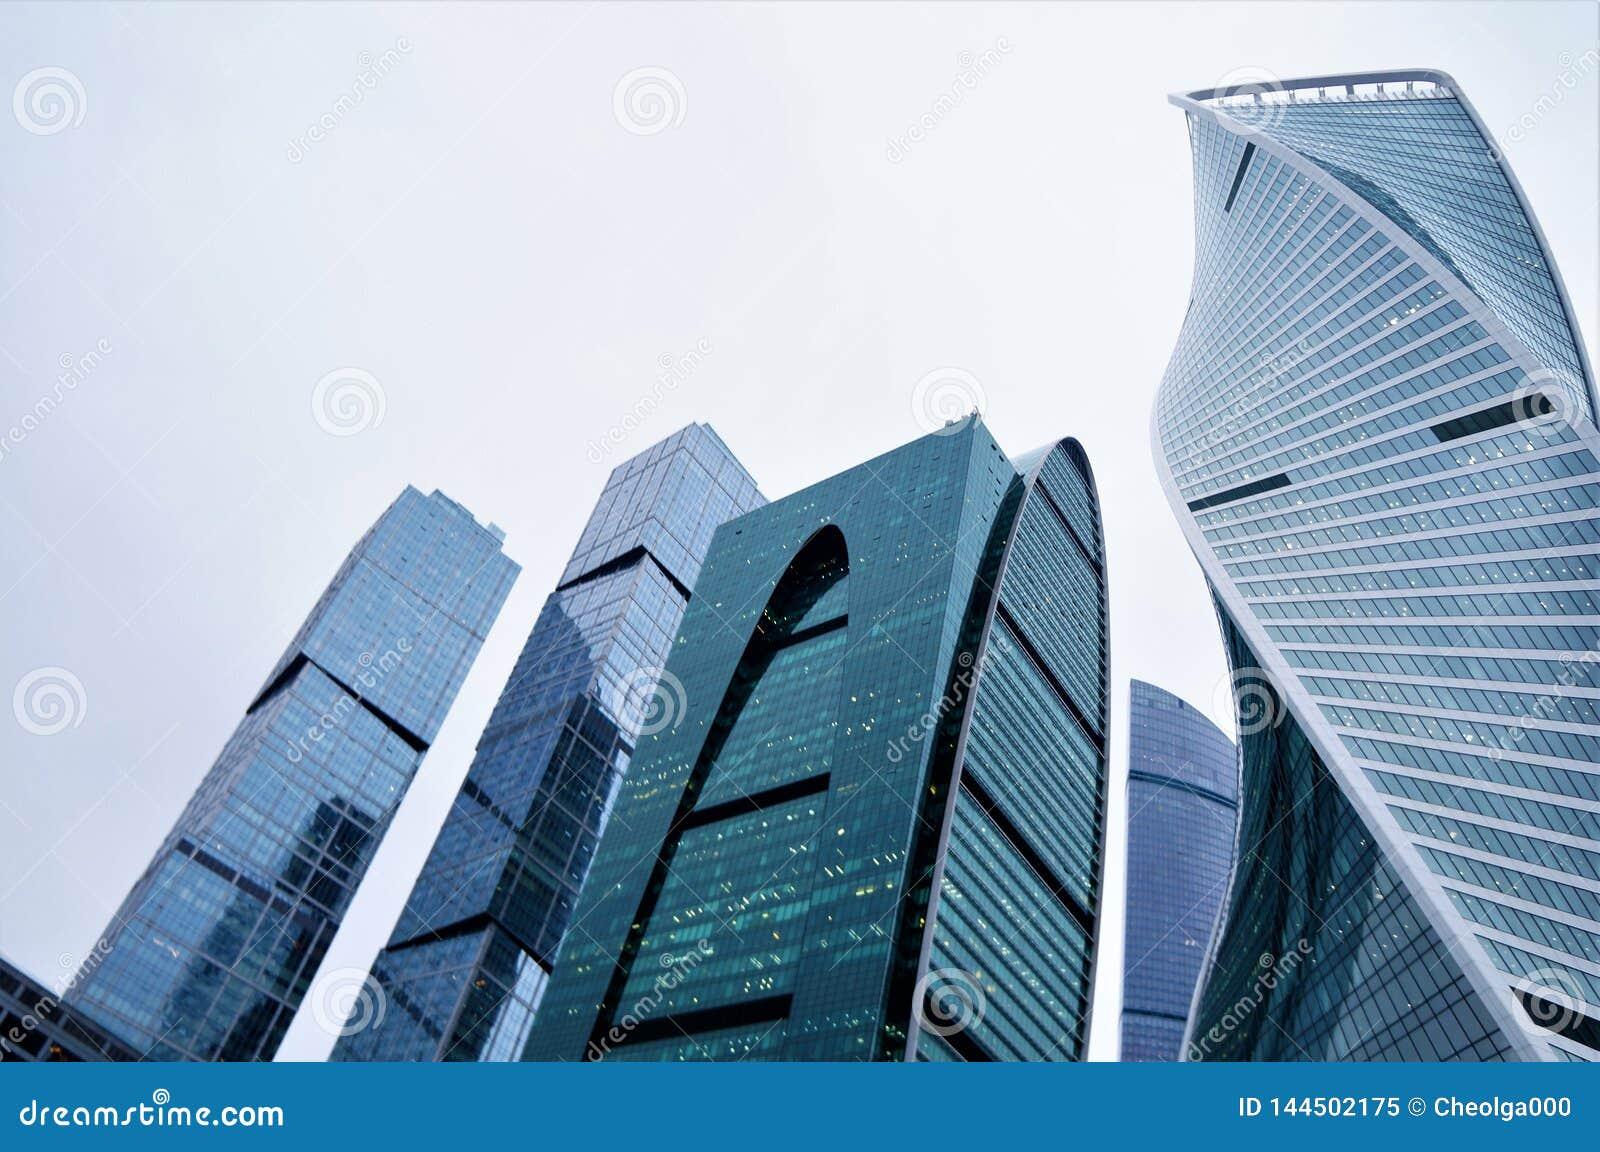 Februar 2019 Russland moskau Im Freien, Tag Glashohe gebäude des Geschäftszentrums blaues abgetöntes Glas